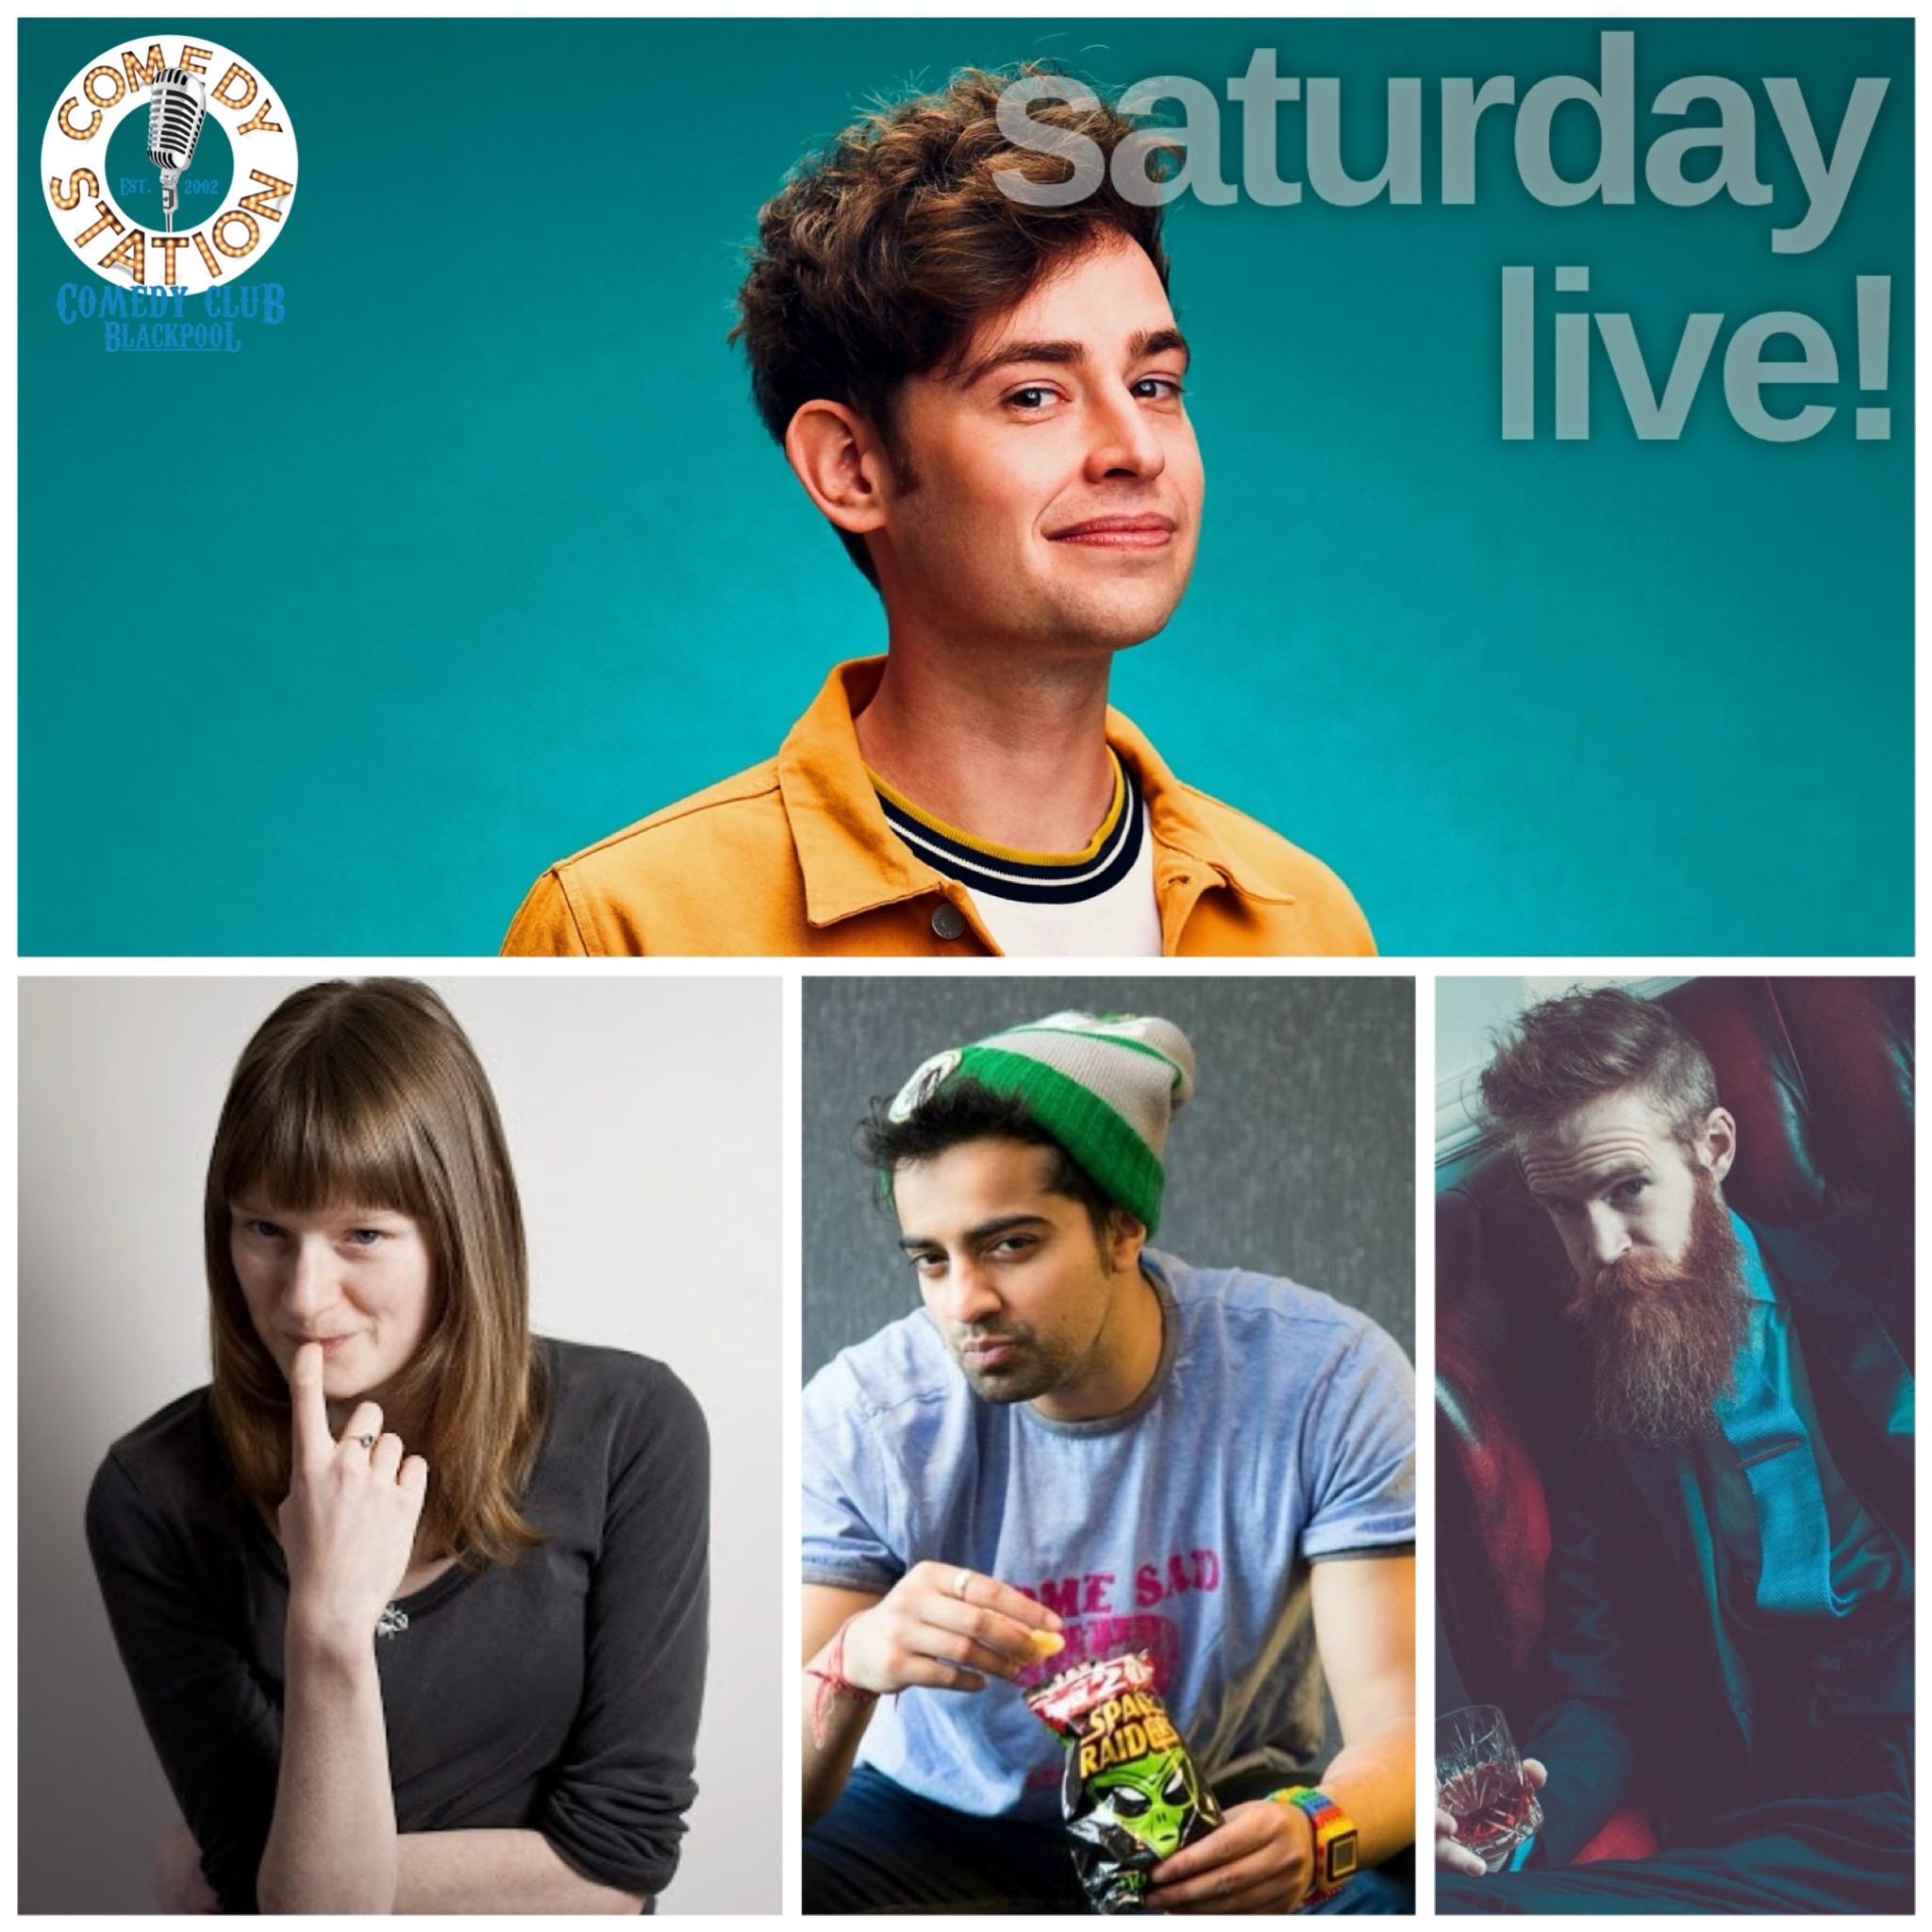 Saturday comedy show Blackpool 5th June